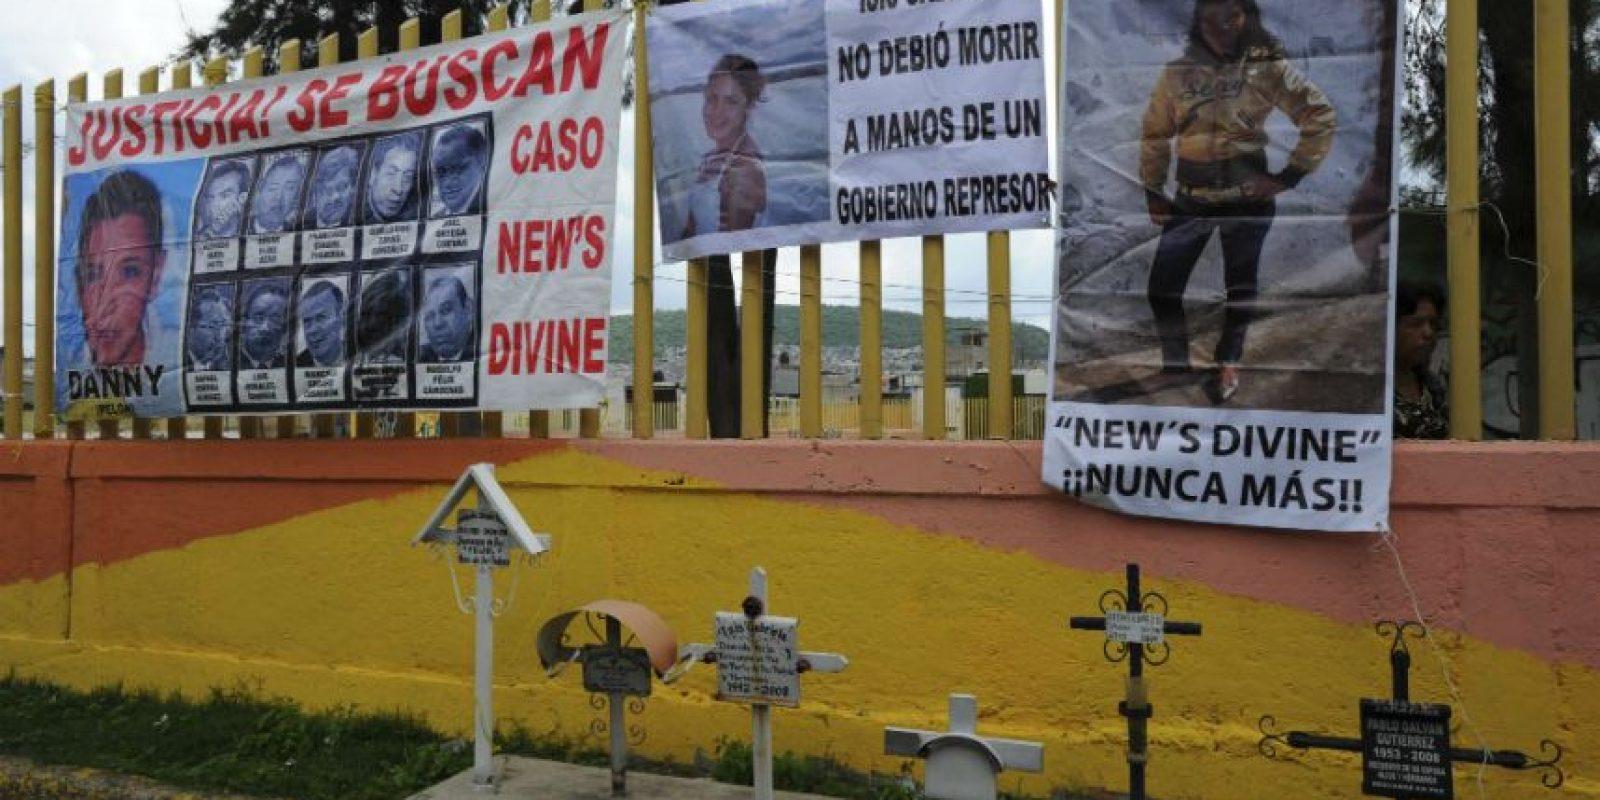 Nueve jóvenes fallecieron en el bar New's Divine. Foto: ARMANO MONROY /CUARTOSCURO